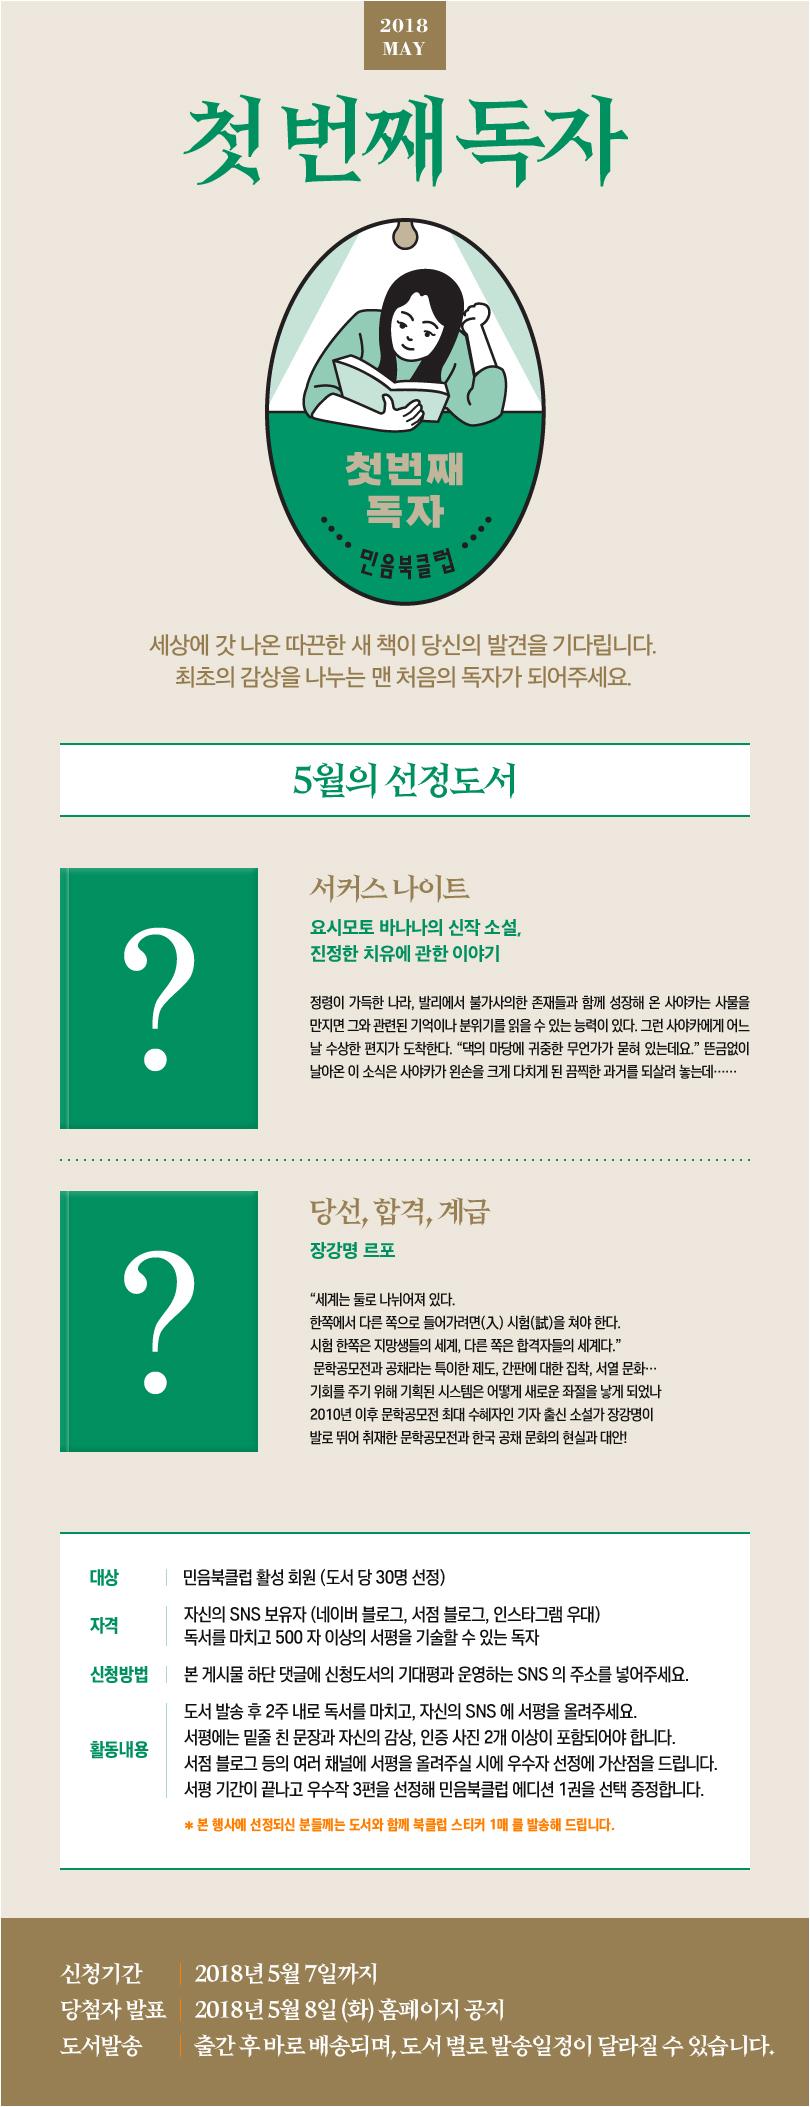 810_민음북클럽_첫번째독자_02 (3)